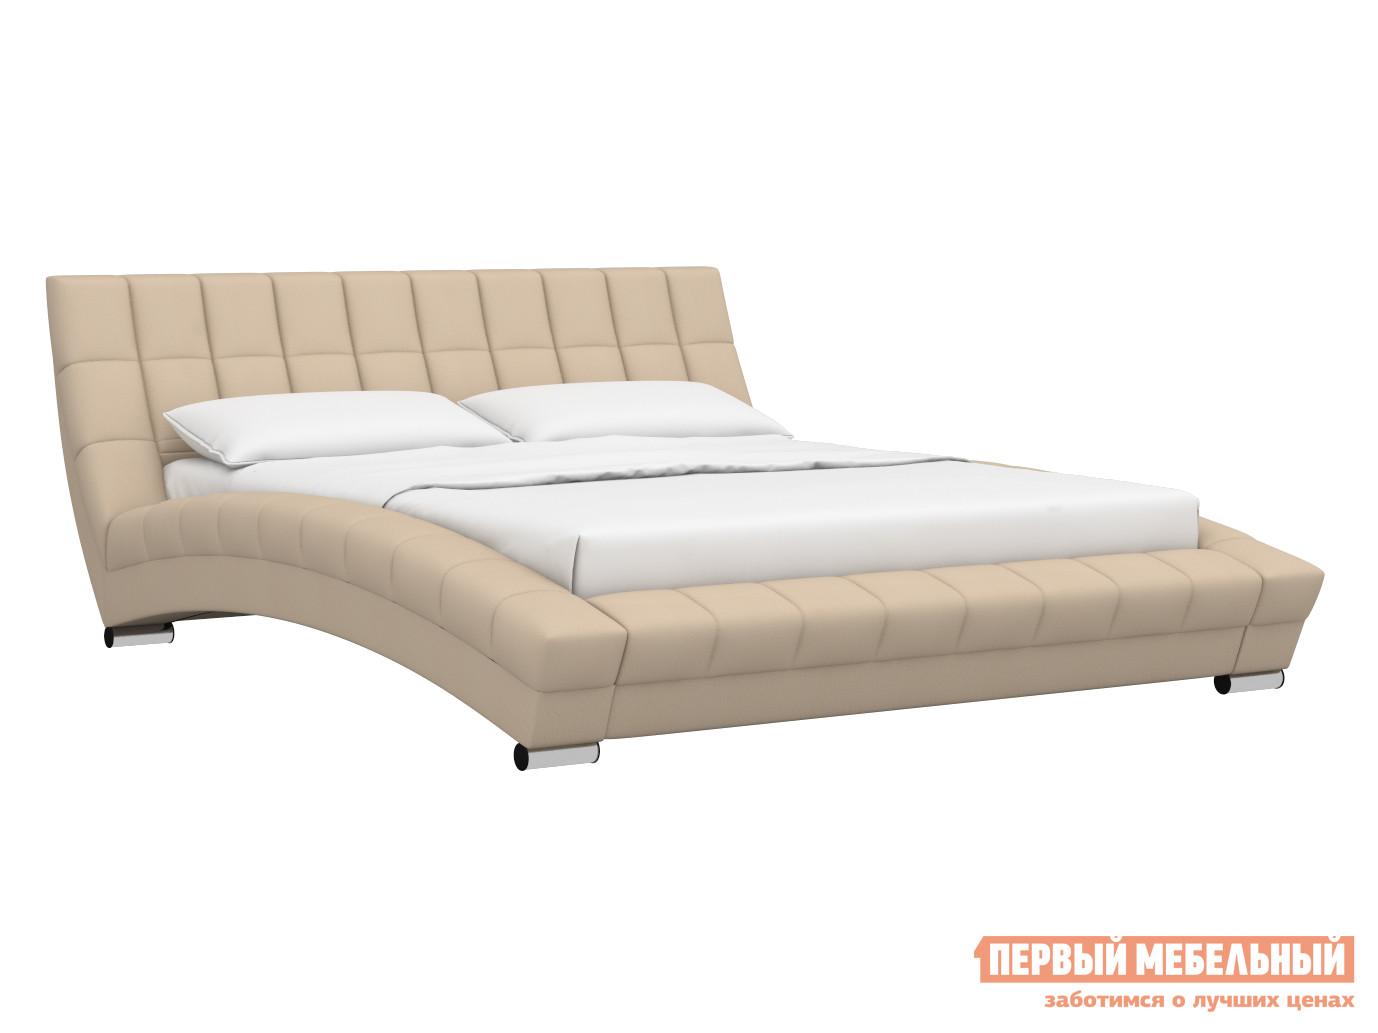 Двуспальная кровать  Кровать Оливия 160х200 Бежевый, экокожа — Кровать Оливия 160х200 Бежевый, экокожа